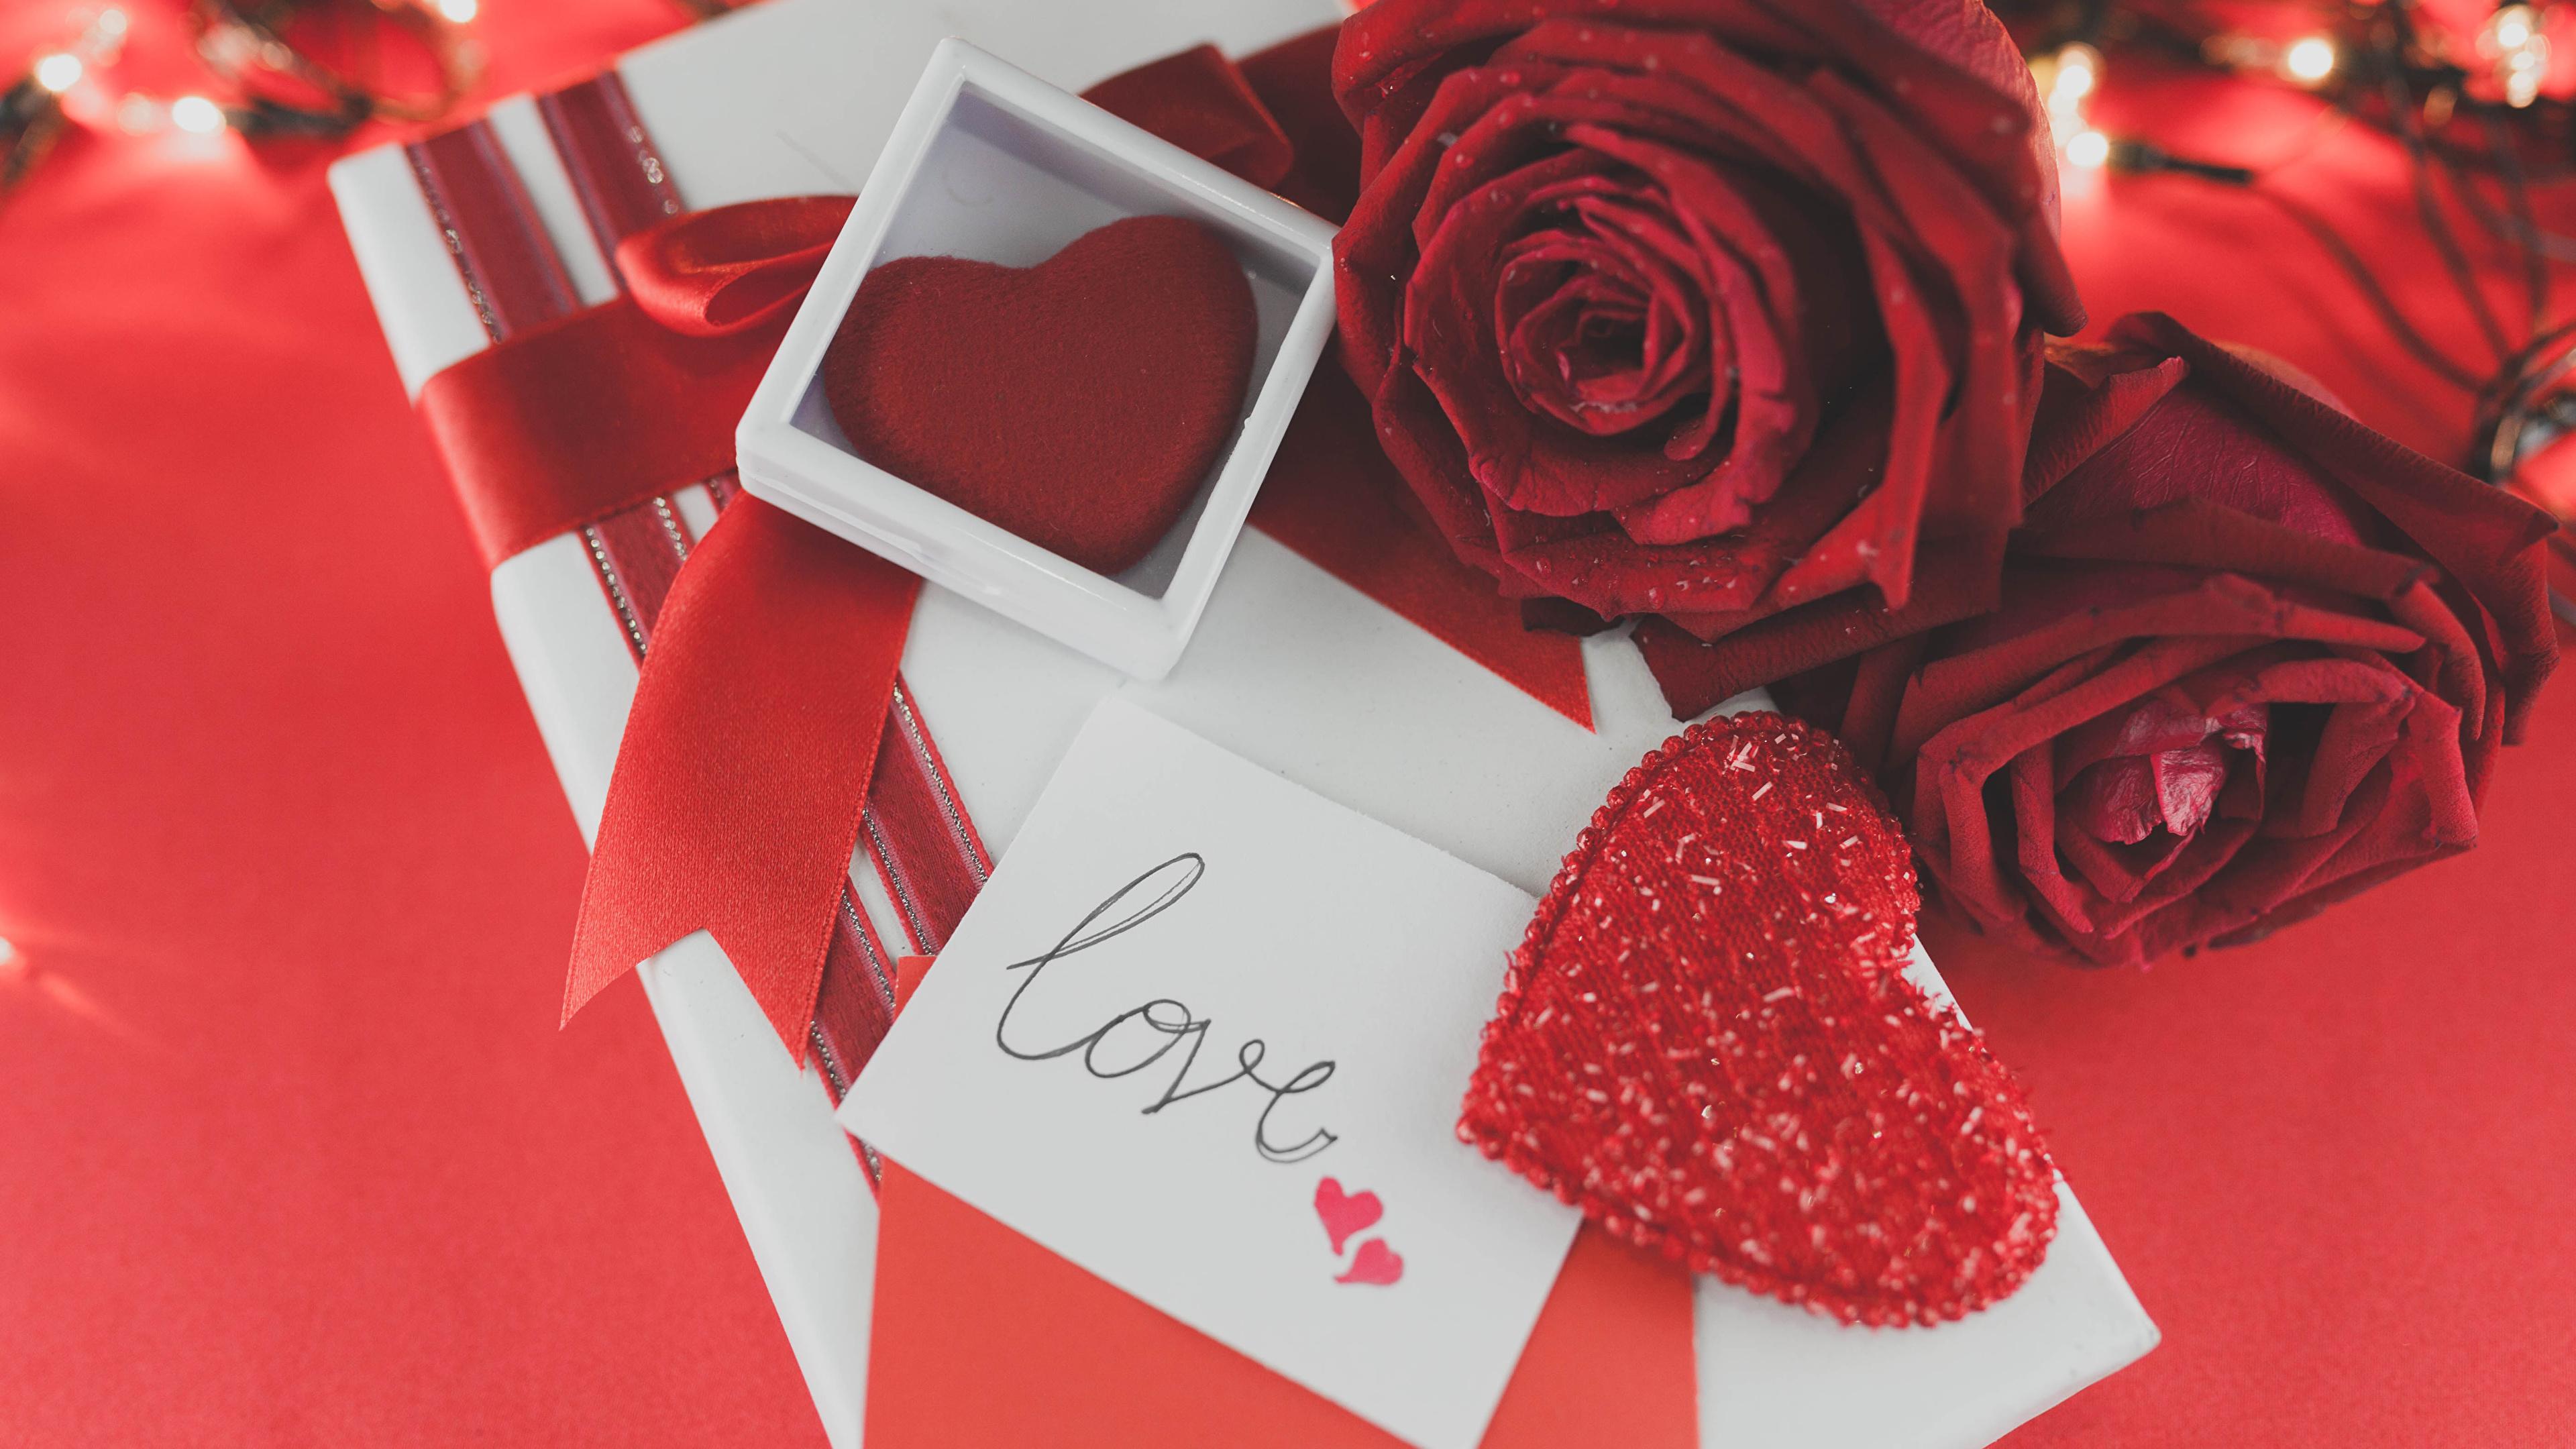 Картинка День всех влюблённых сердечко Розы Бордовый Цветы Подарки Красный фон 3840x2160 День святого Валентина Сердце